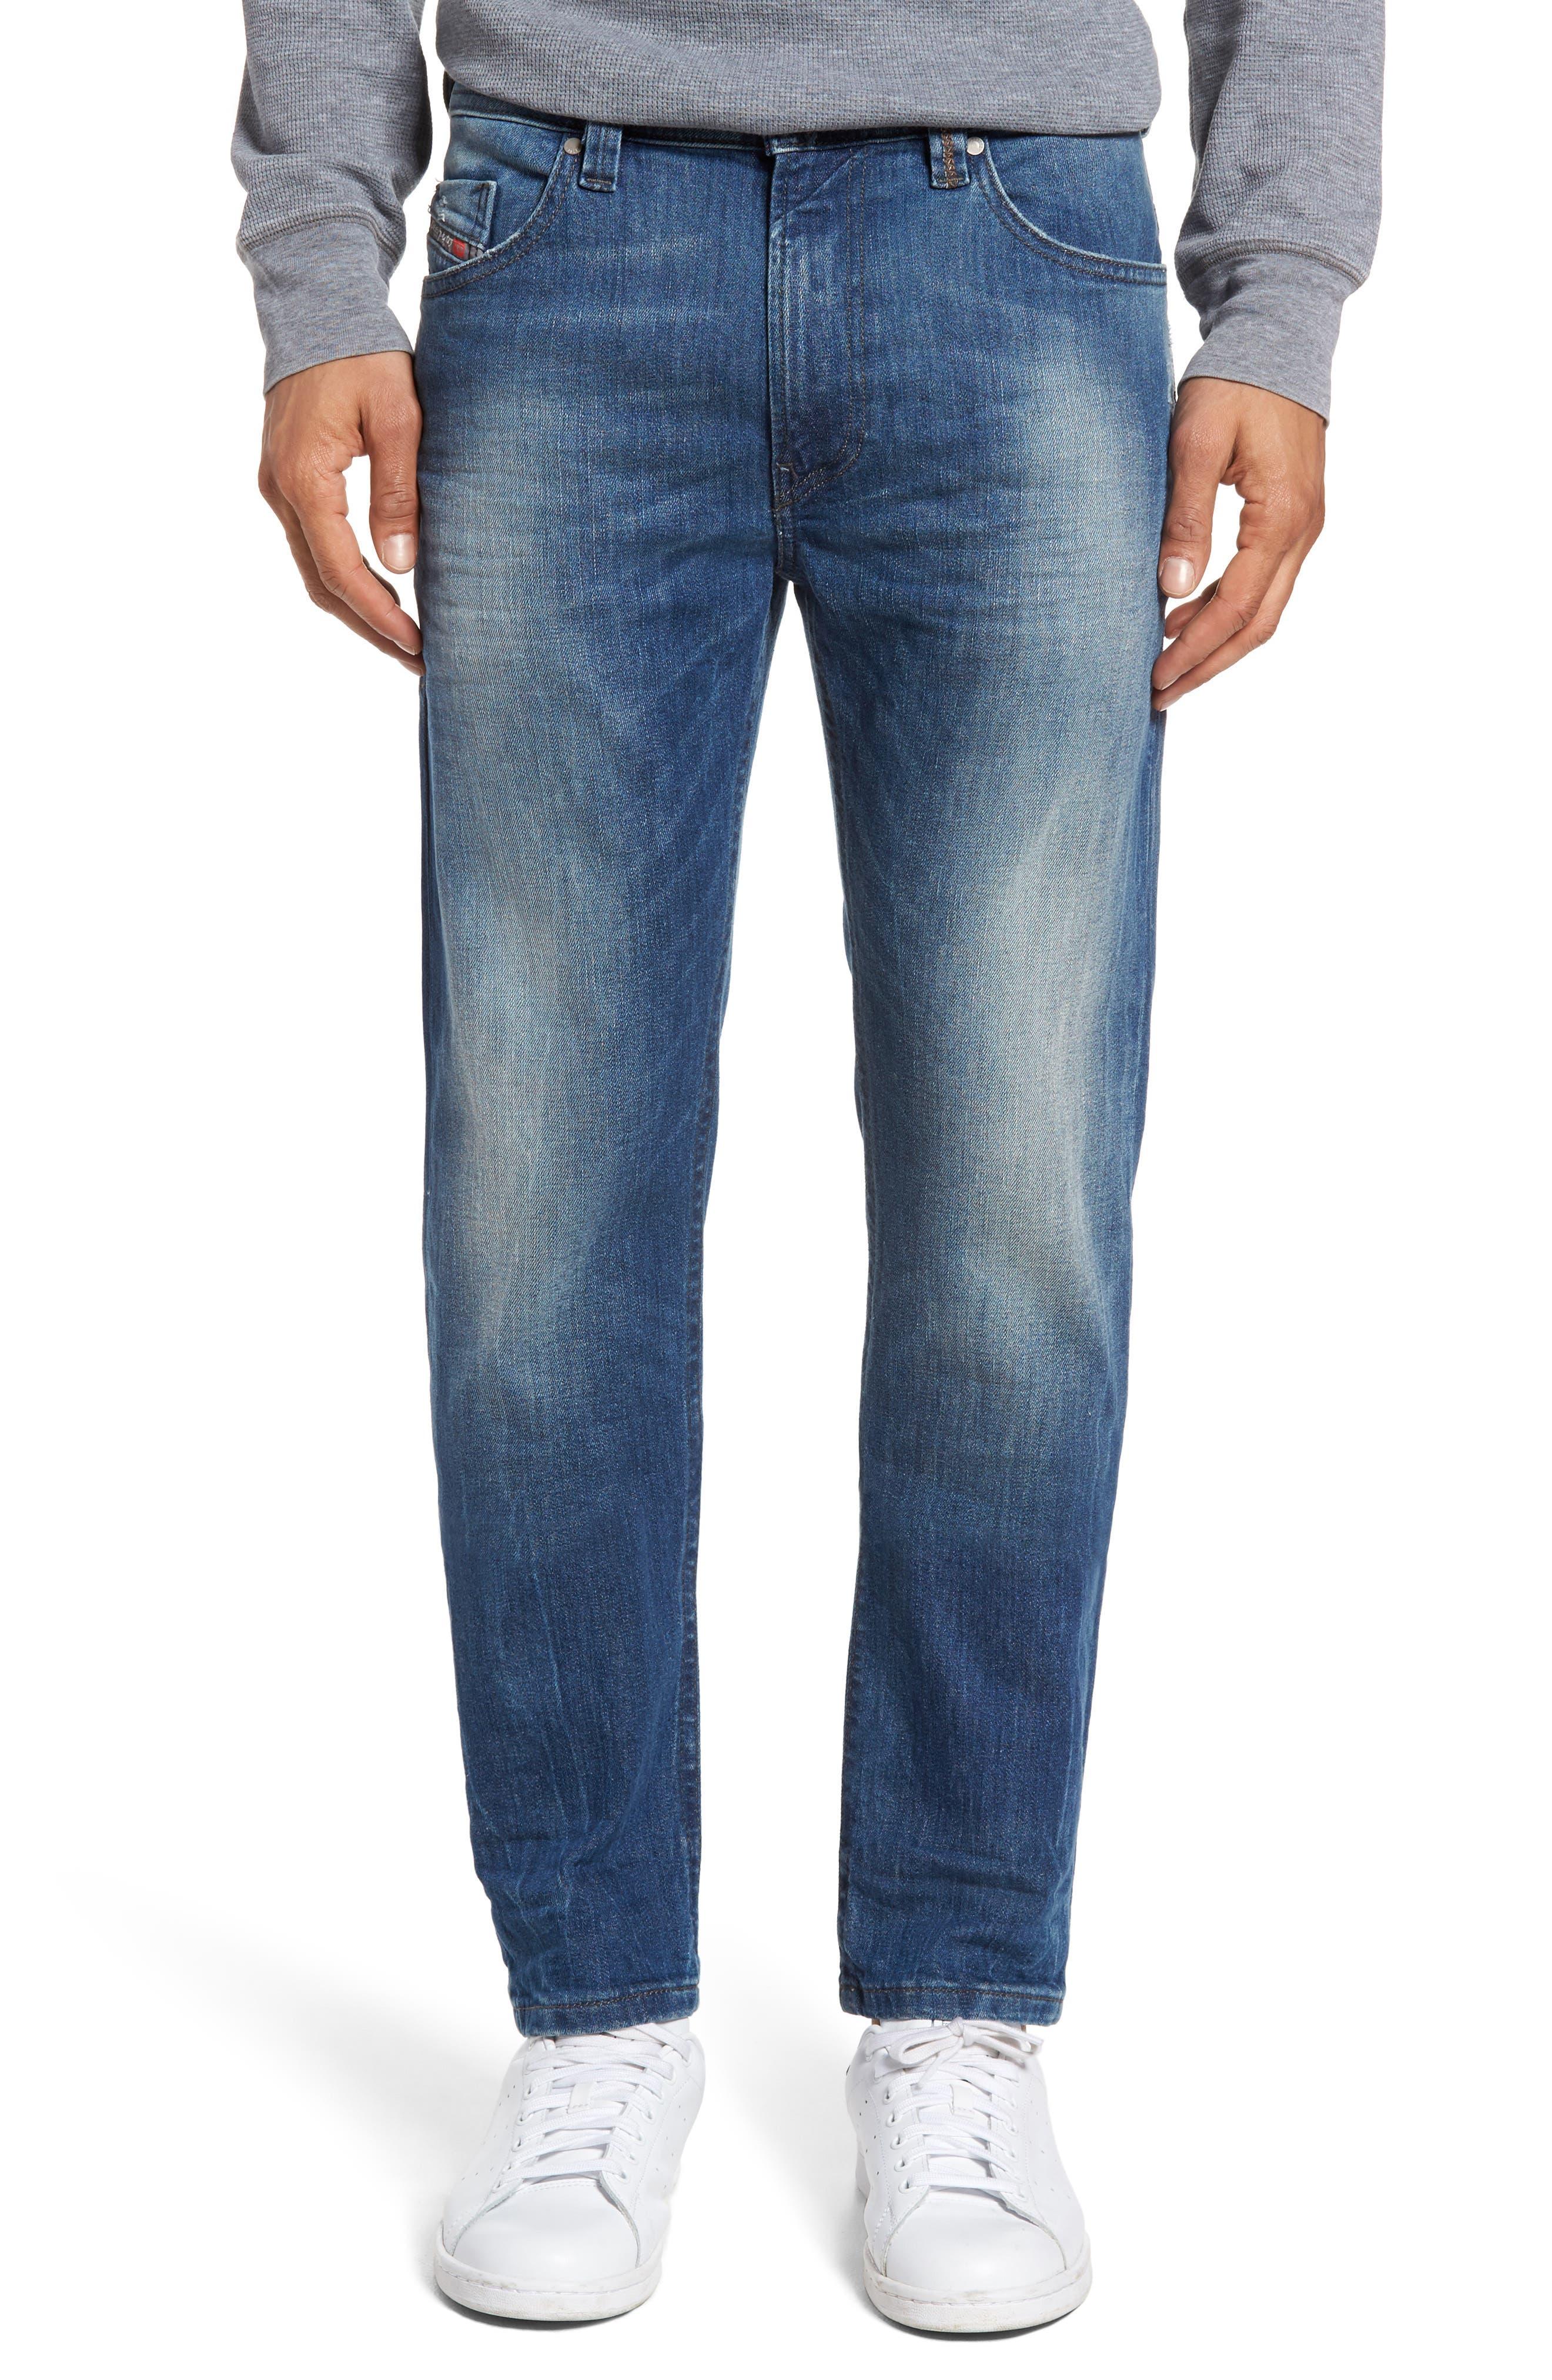 Alternate Image 1 Selected - DIESEL® Thommer Slim Fit Jeans (C84IE)